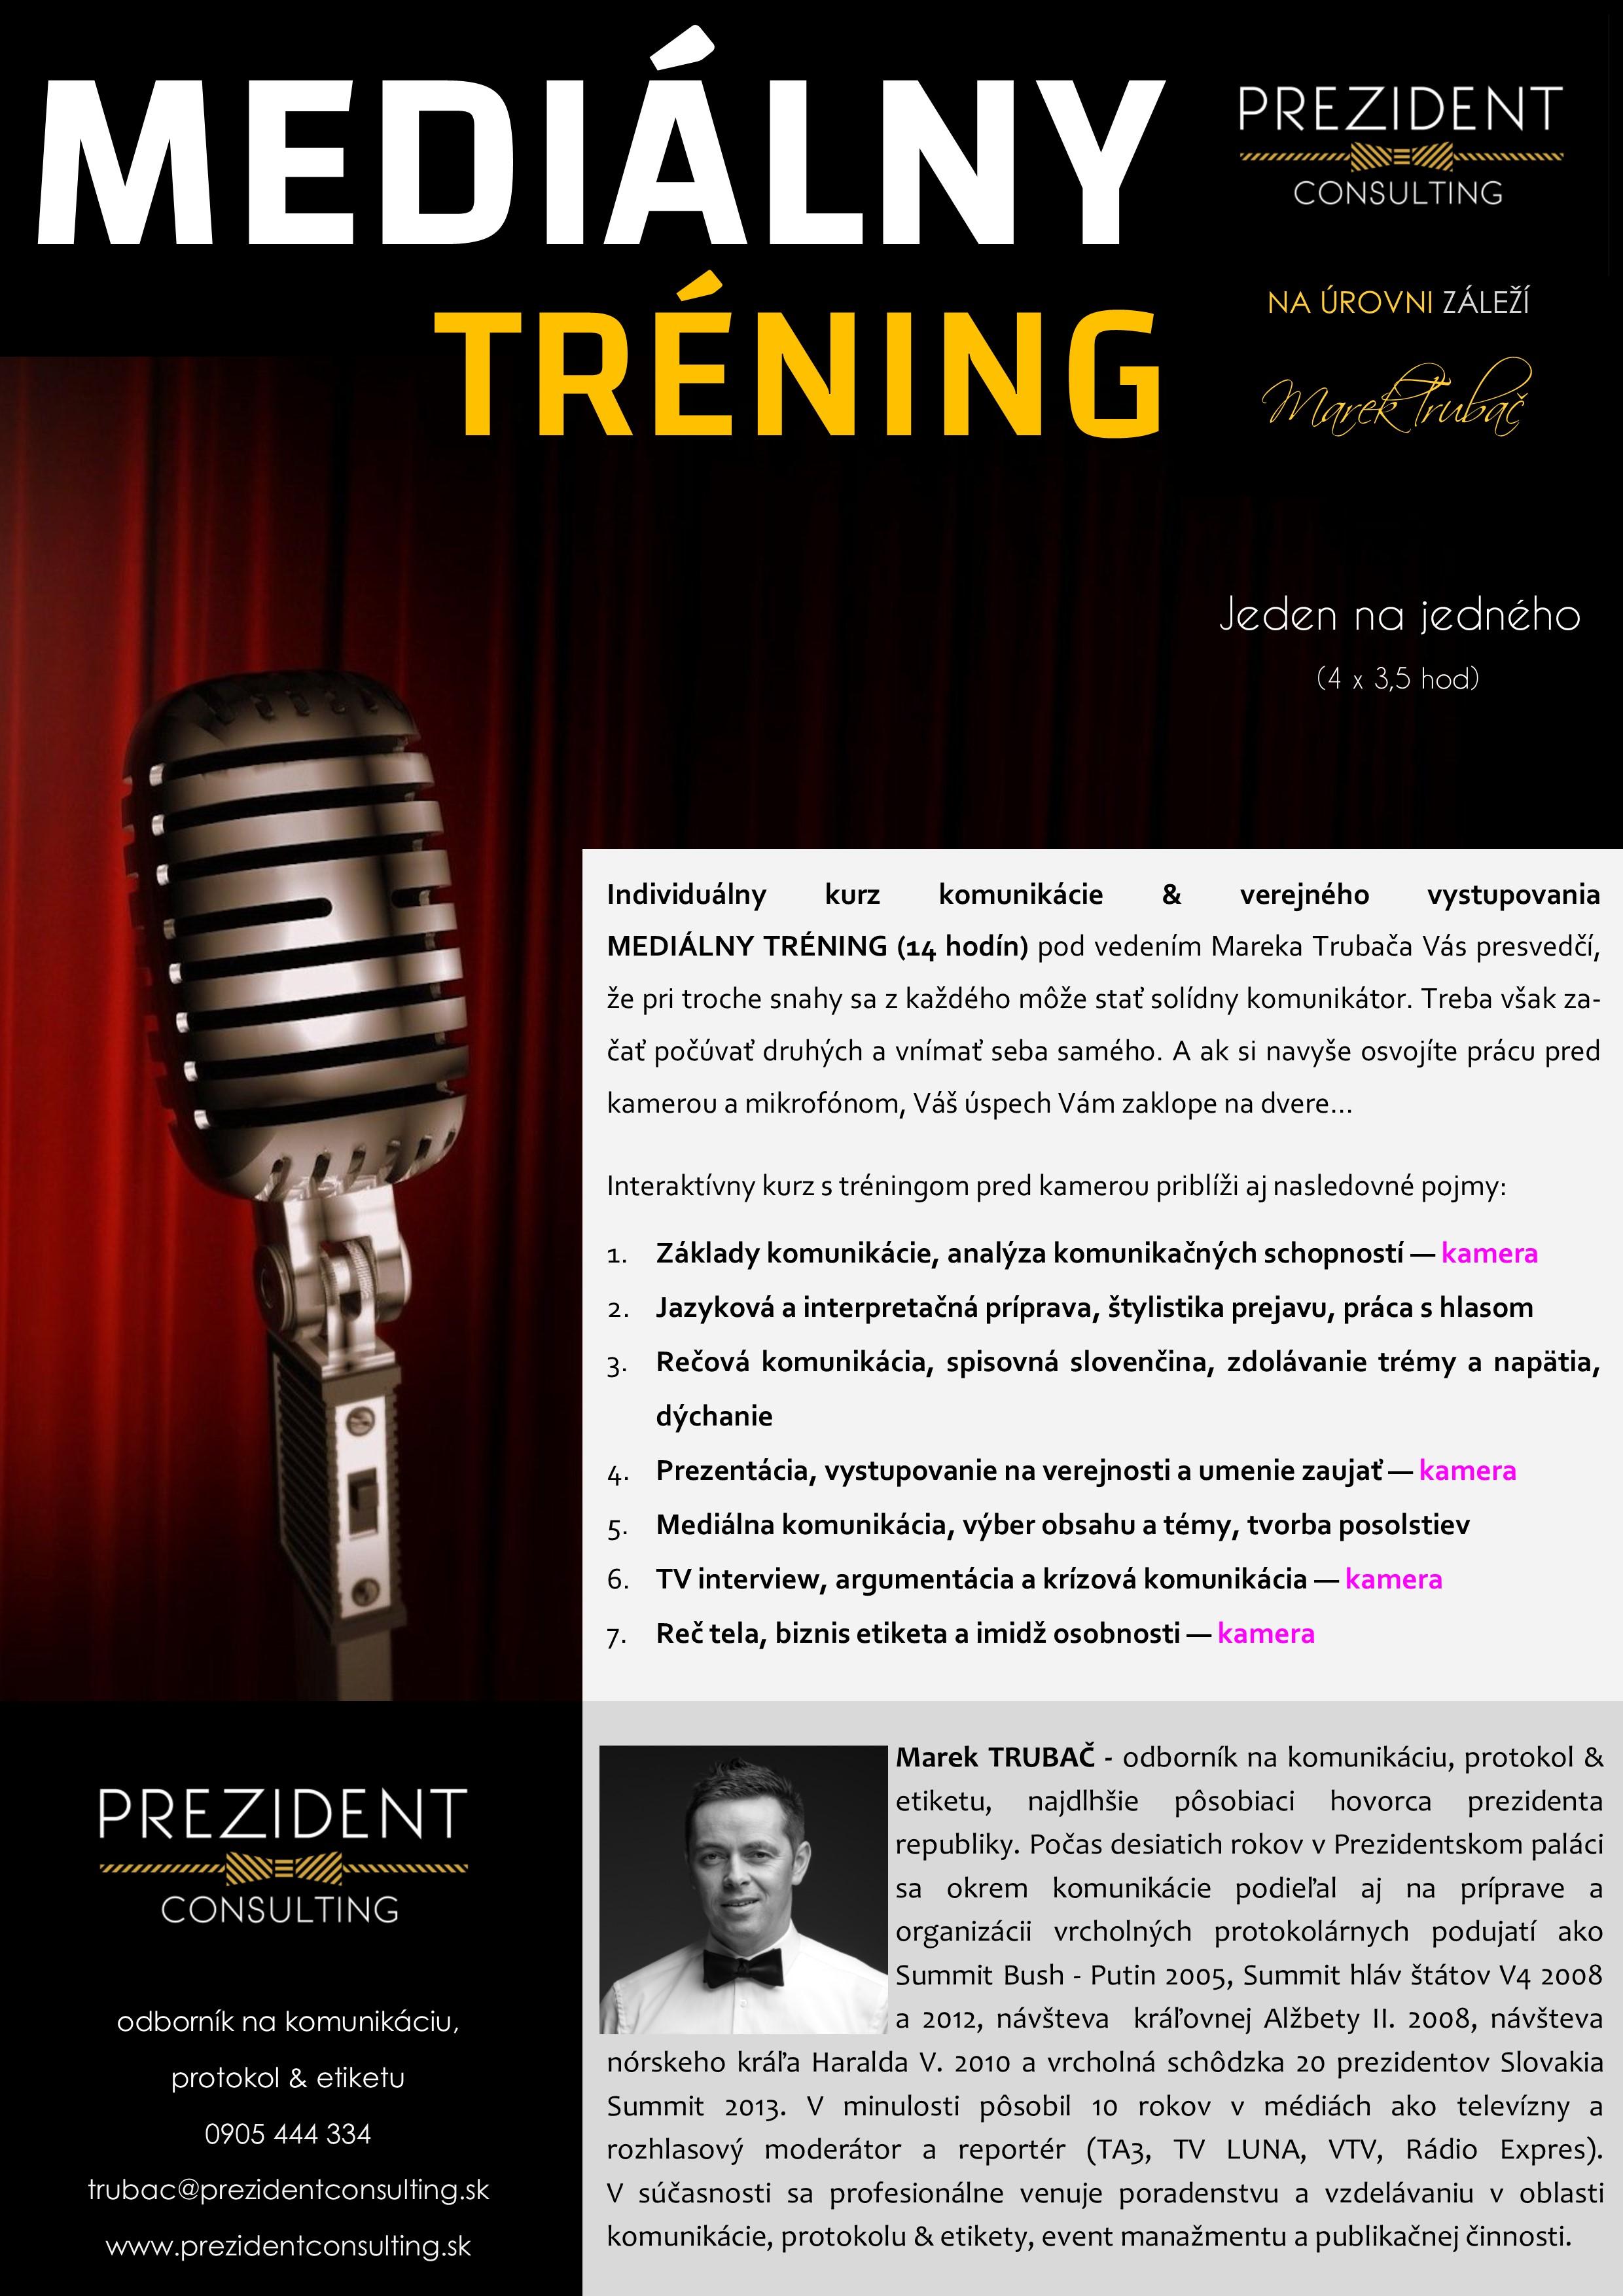 MEDIÁLNY TRÉNING -komunikácia & verejné vystupovanie 2018 - individuálny 14 hod - I